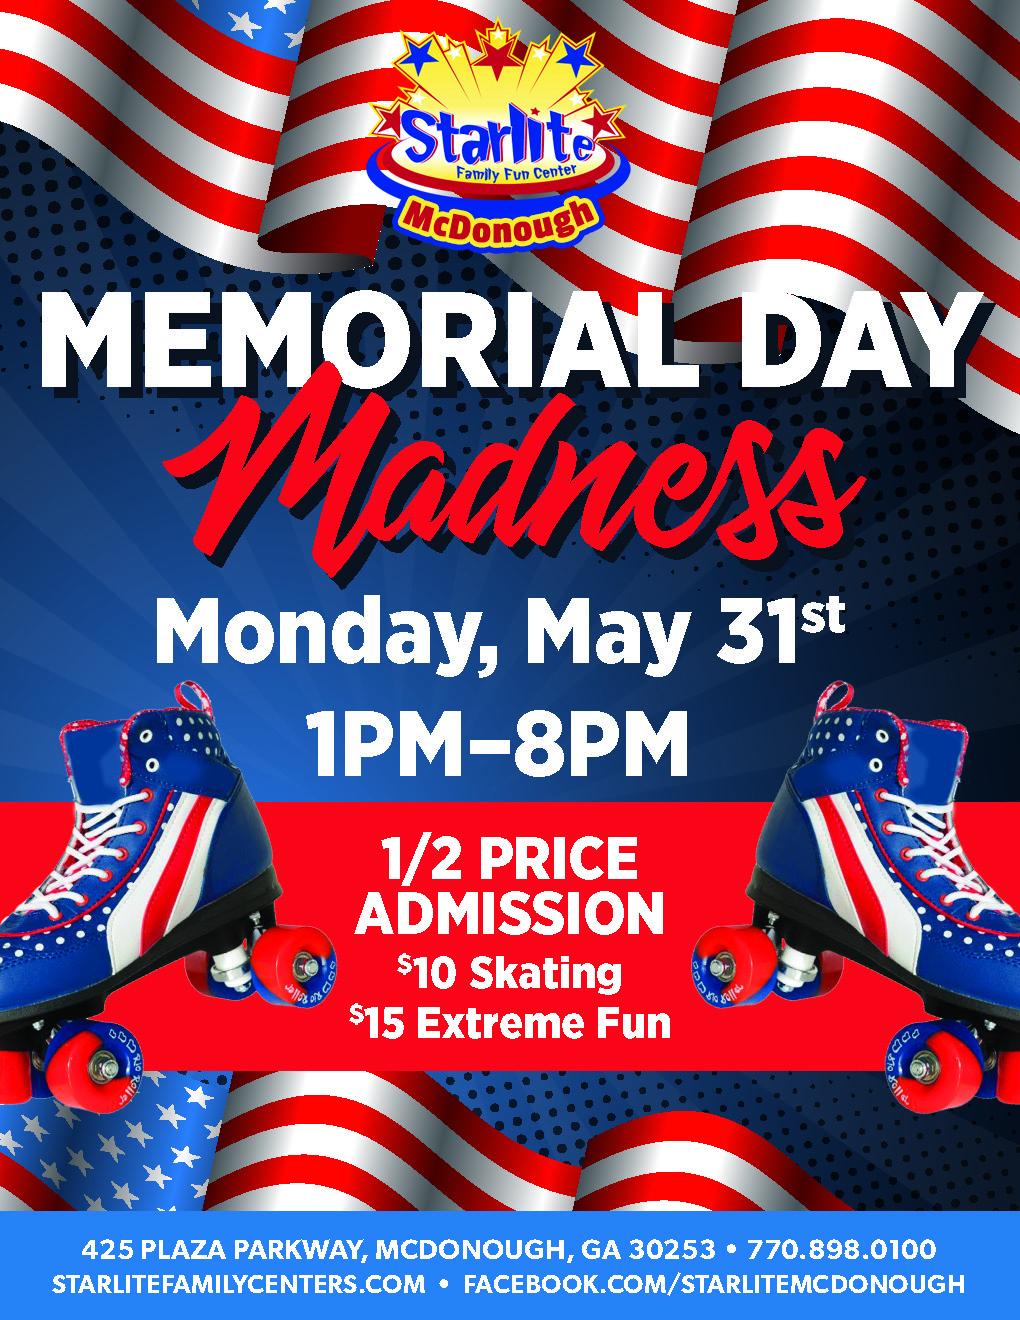 GA21-017 Memorial Day Madness Flyer-McDonough